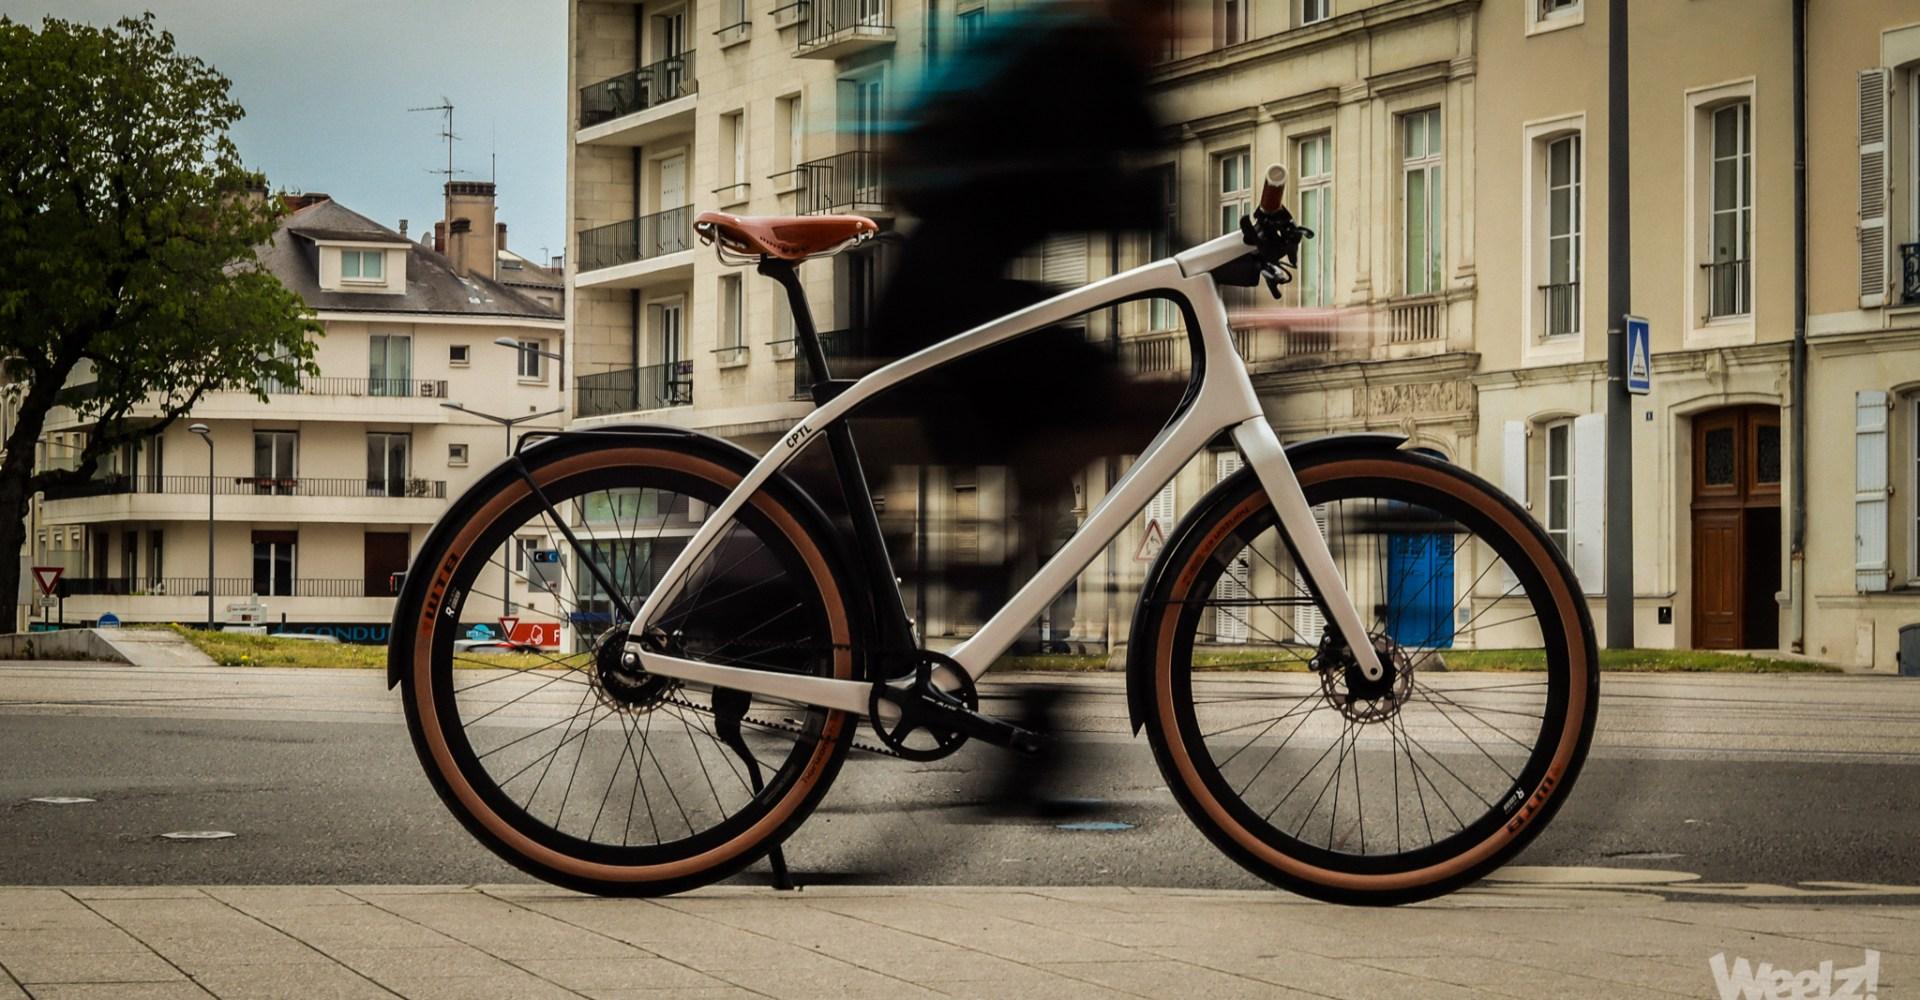 [Test] Rose Bikes CPTL, un vélo urbain sportif au comportement voluptueux